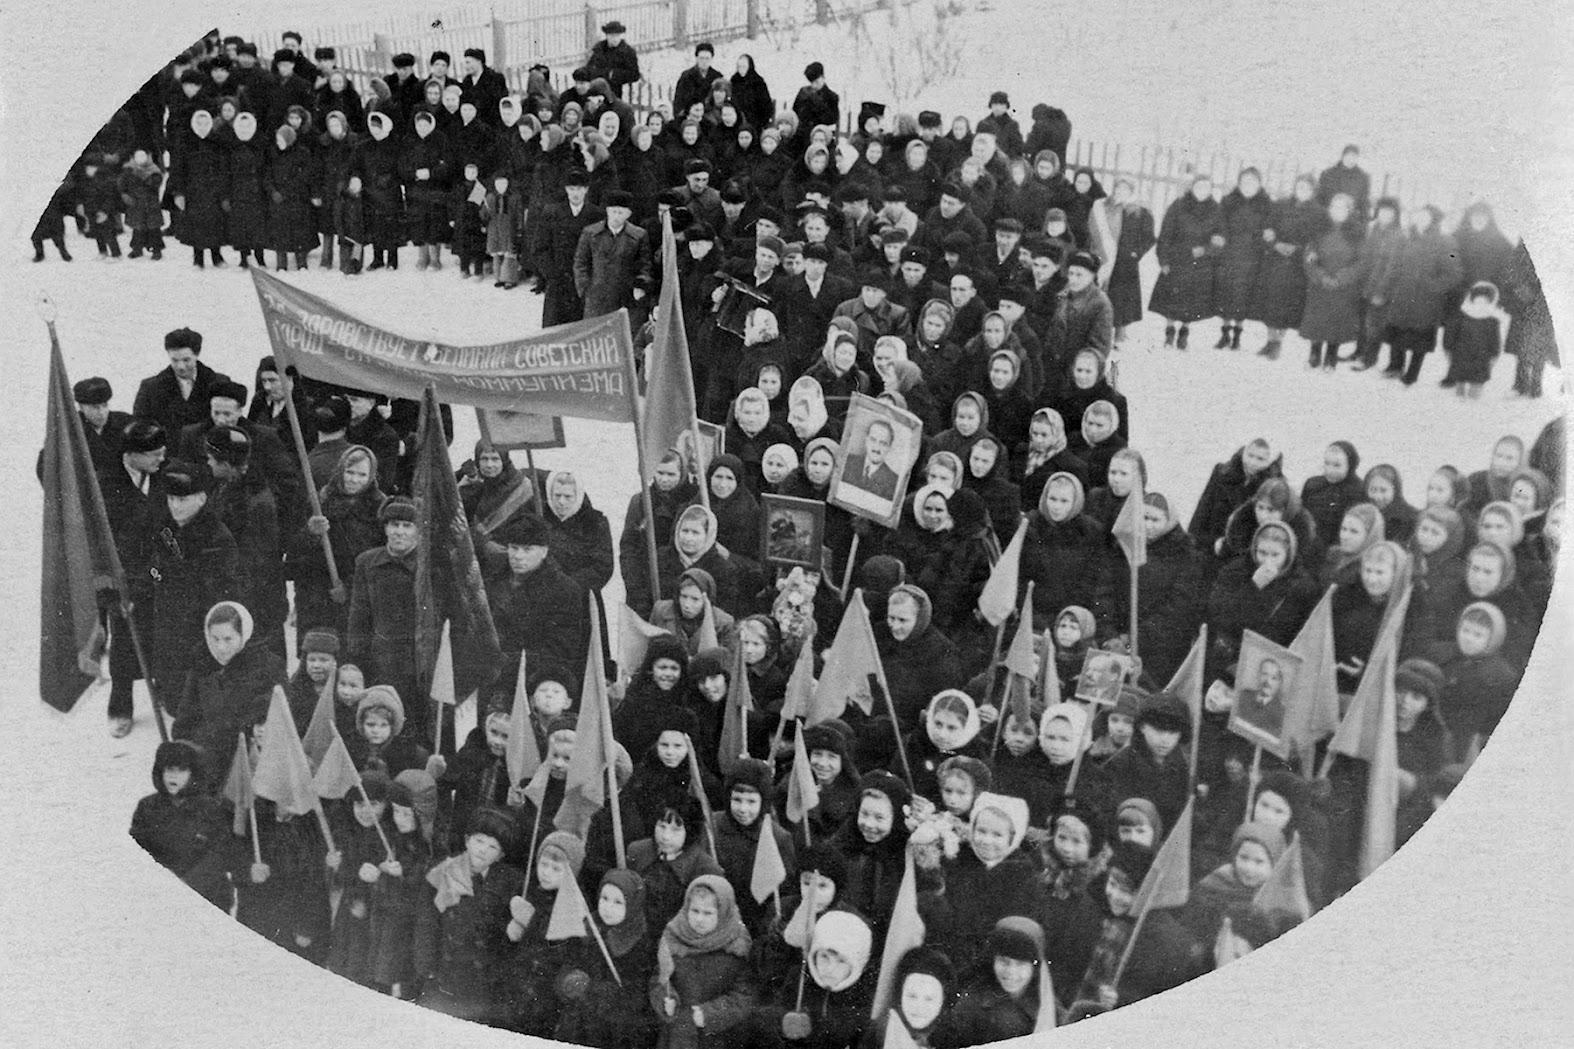 Да здравствует великий советский народ — строитель коммунизма, 1957 год, ноябрь.